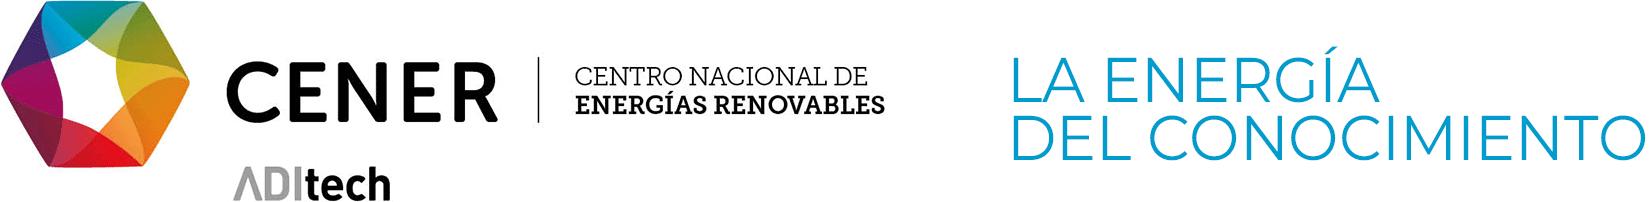 CENER - Centro Nacional de Energías Renovables